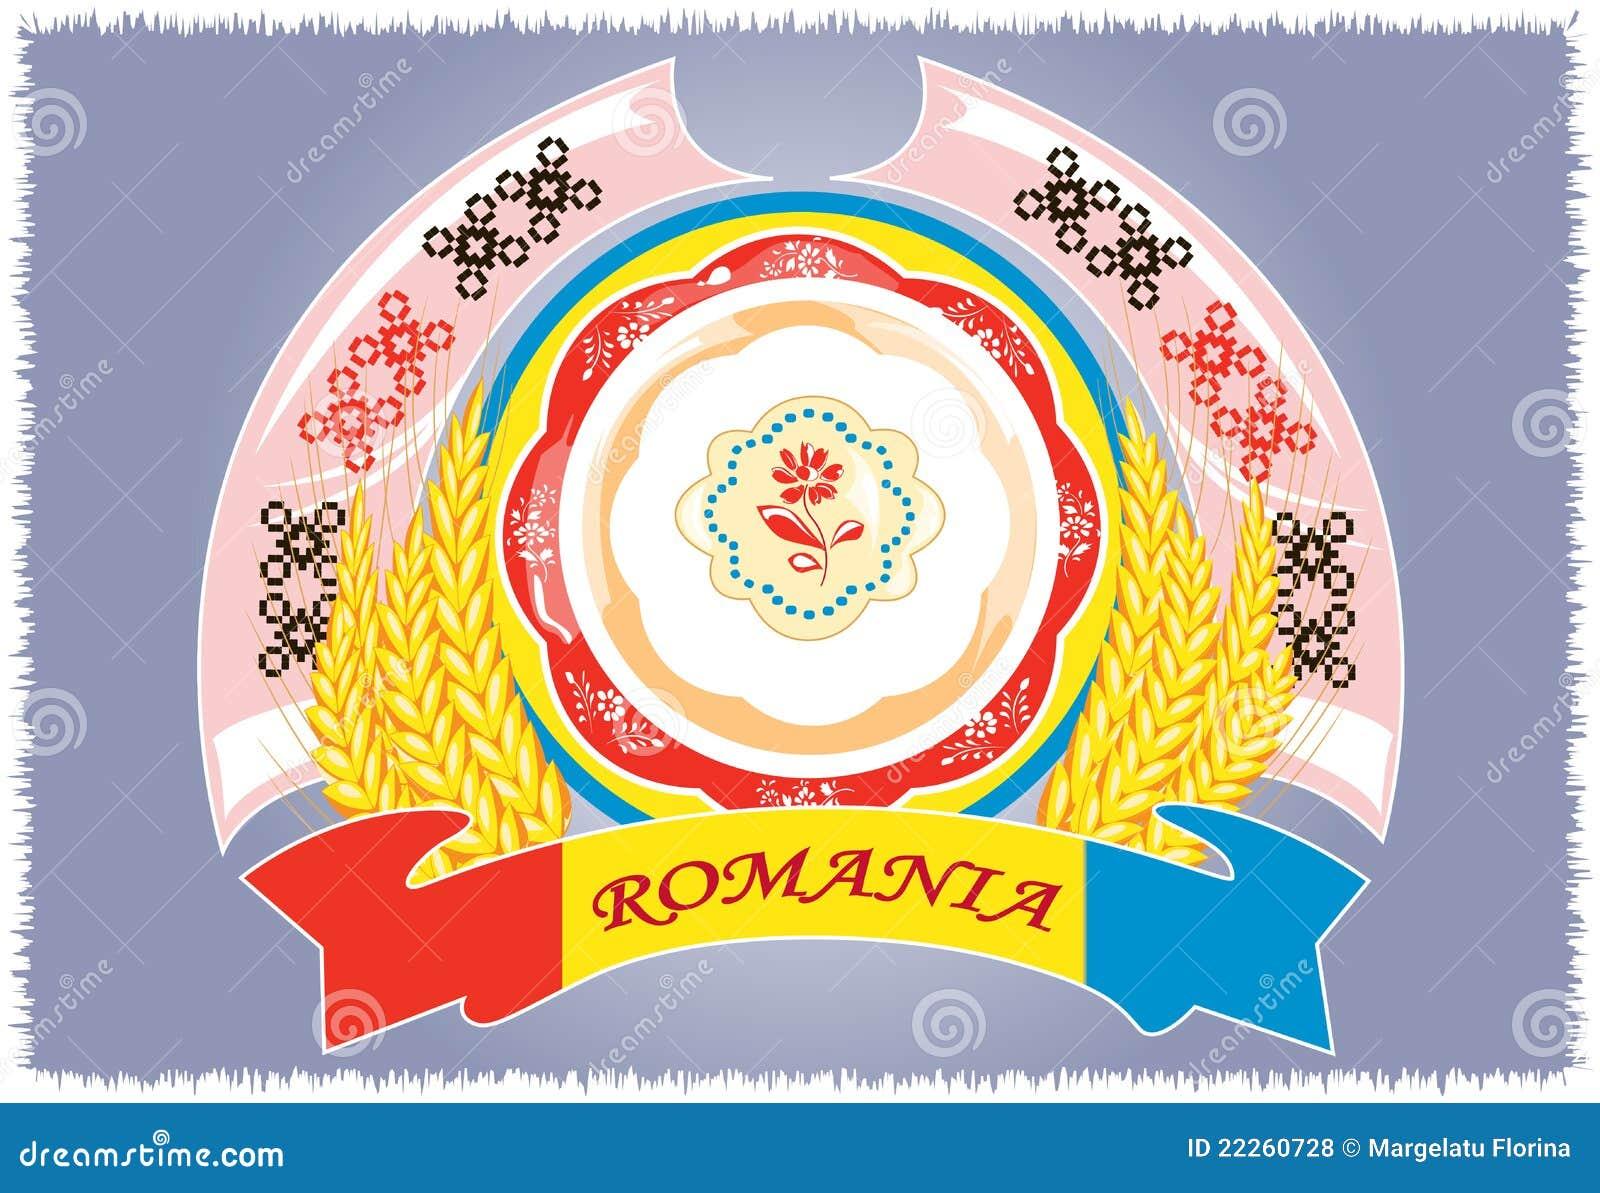 Rumänien trditional